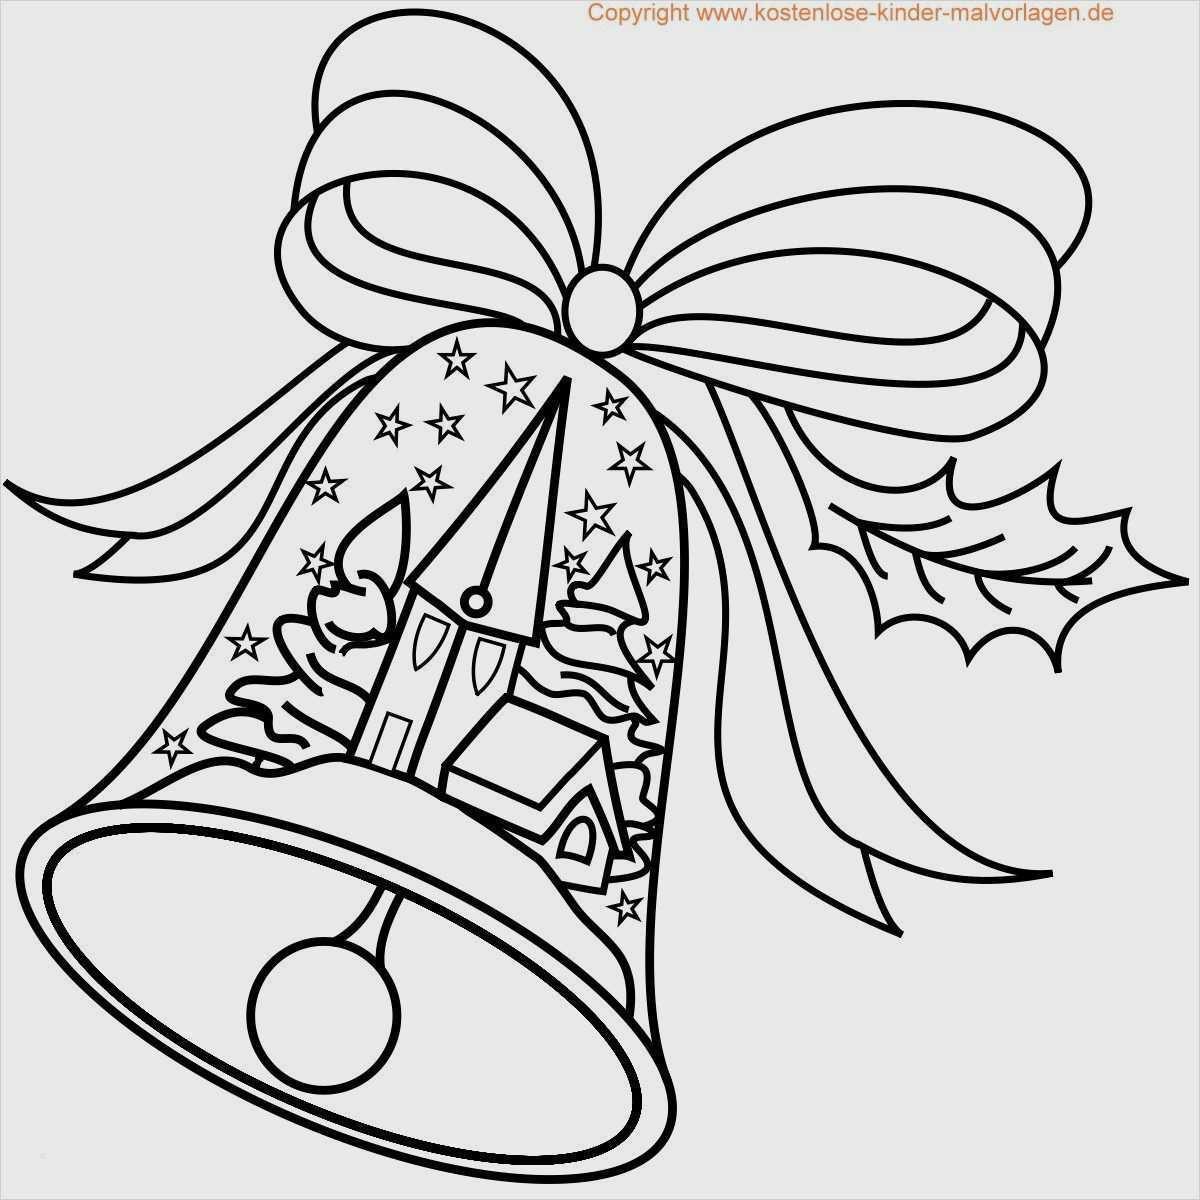 Window Color Vorlagen Weihnachten Zum Ausdrucken